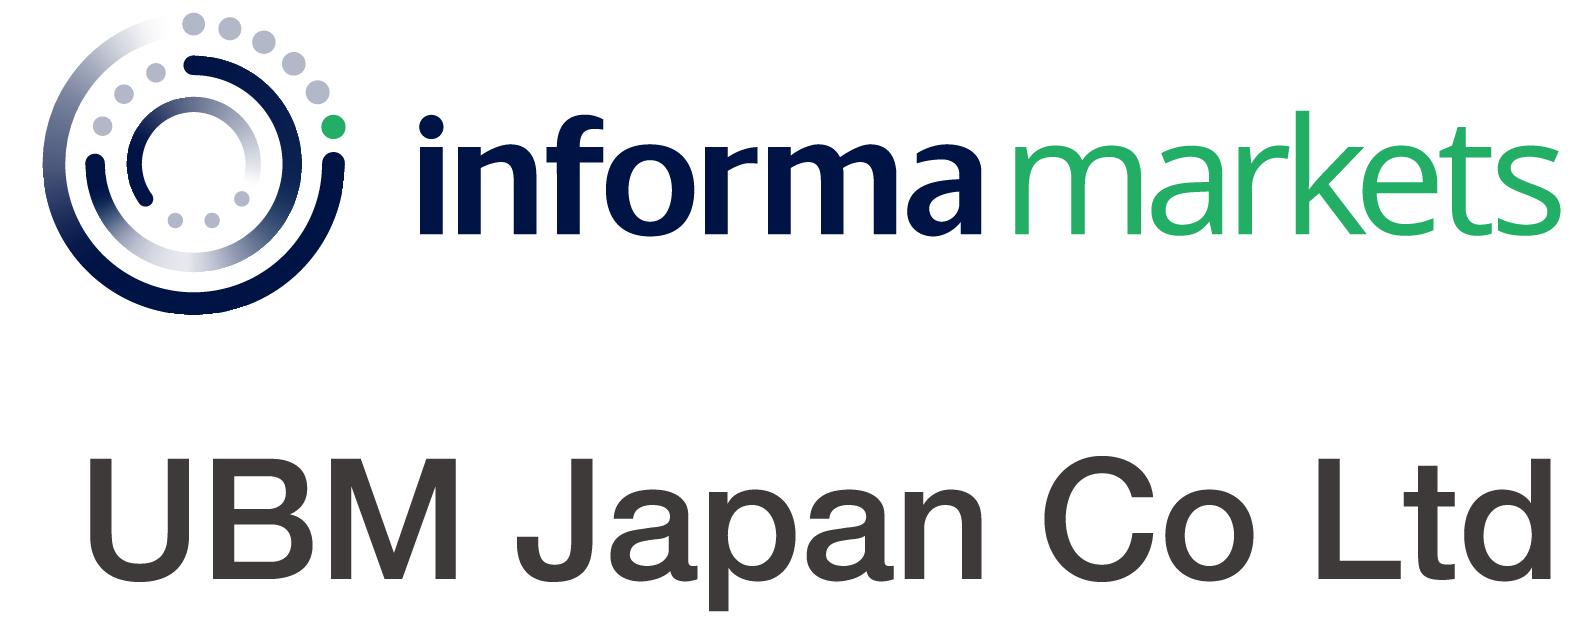 UBM Japan Co Ltd